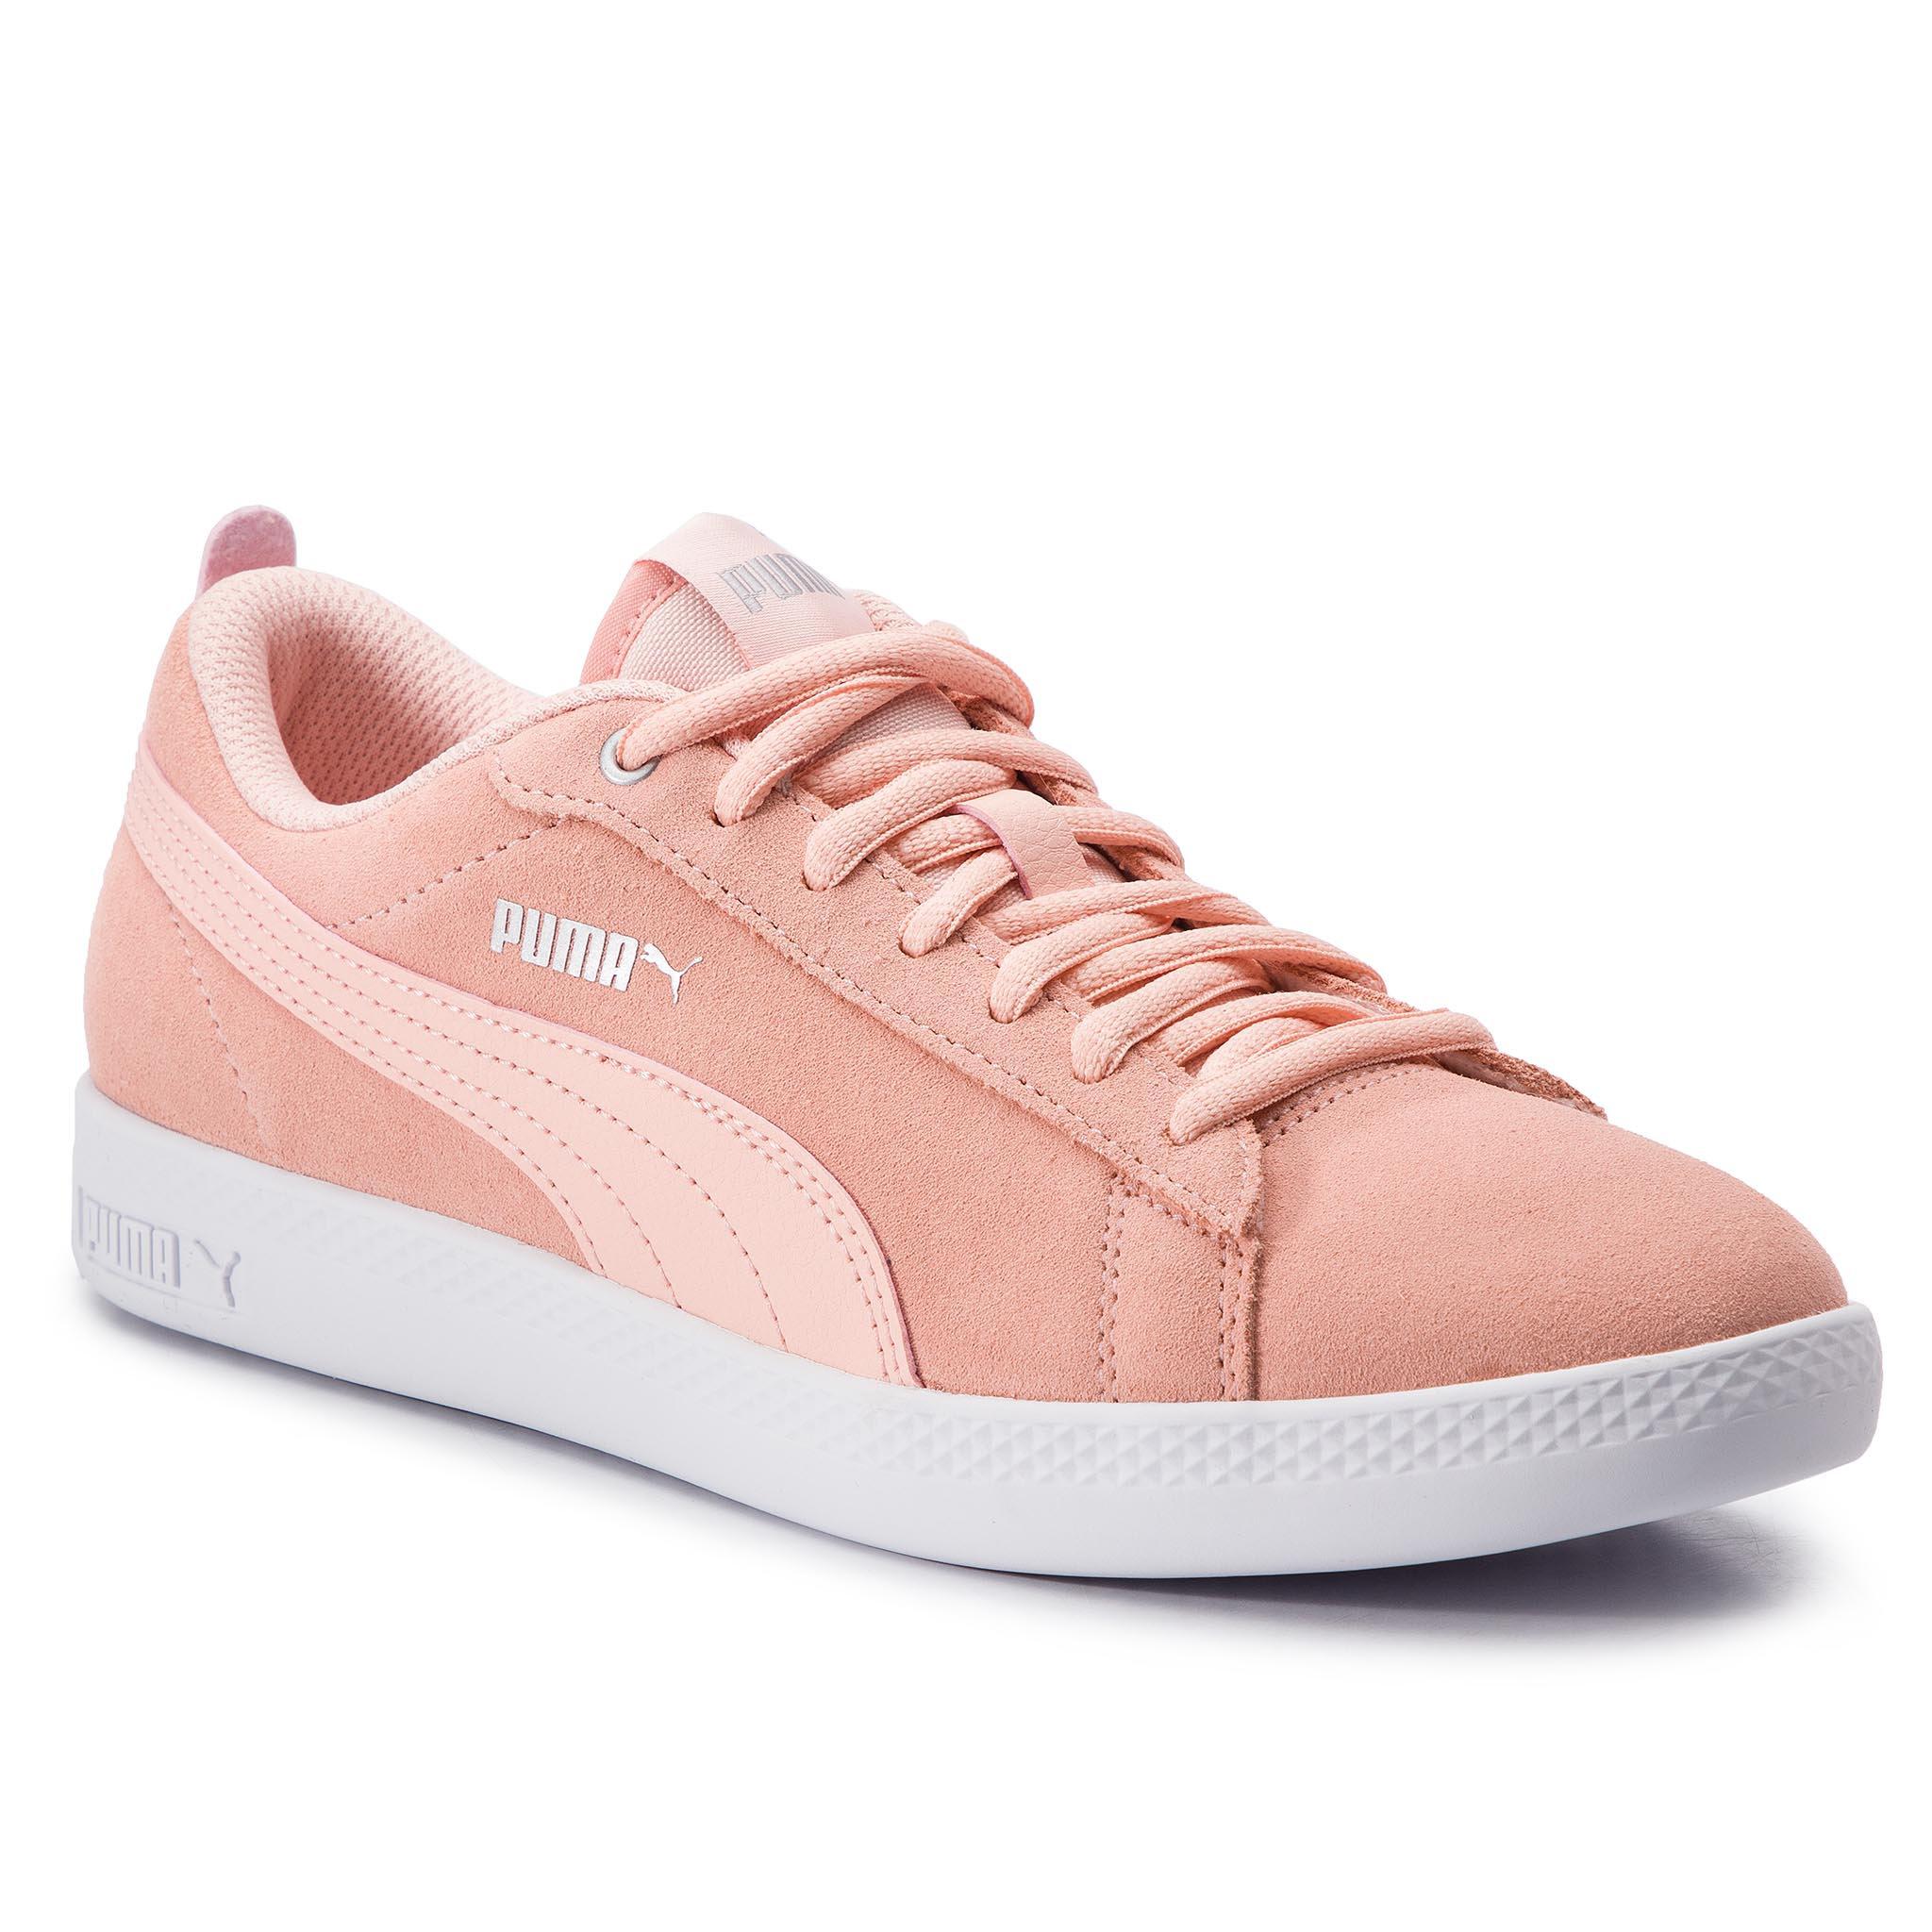 Obuwie sportowe Puma 36531314 Smash Wns v2 SD Różowy